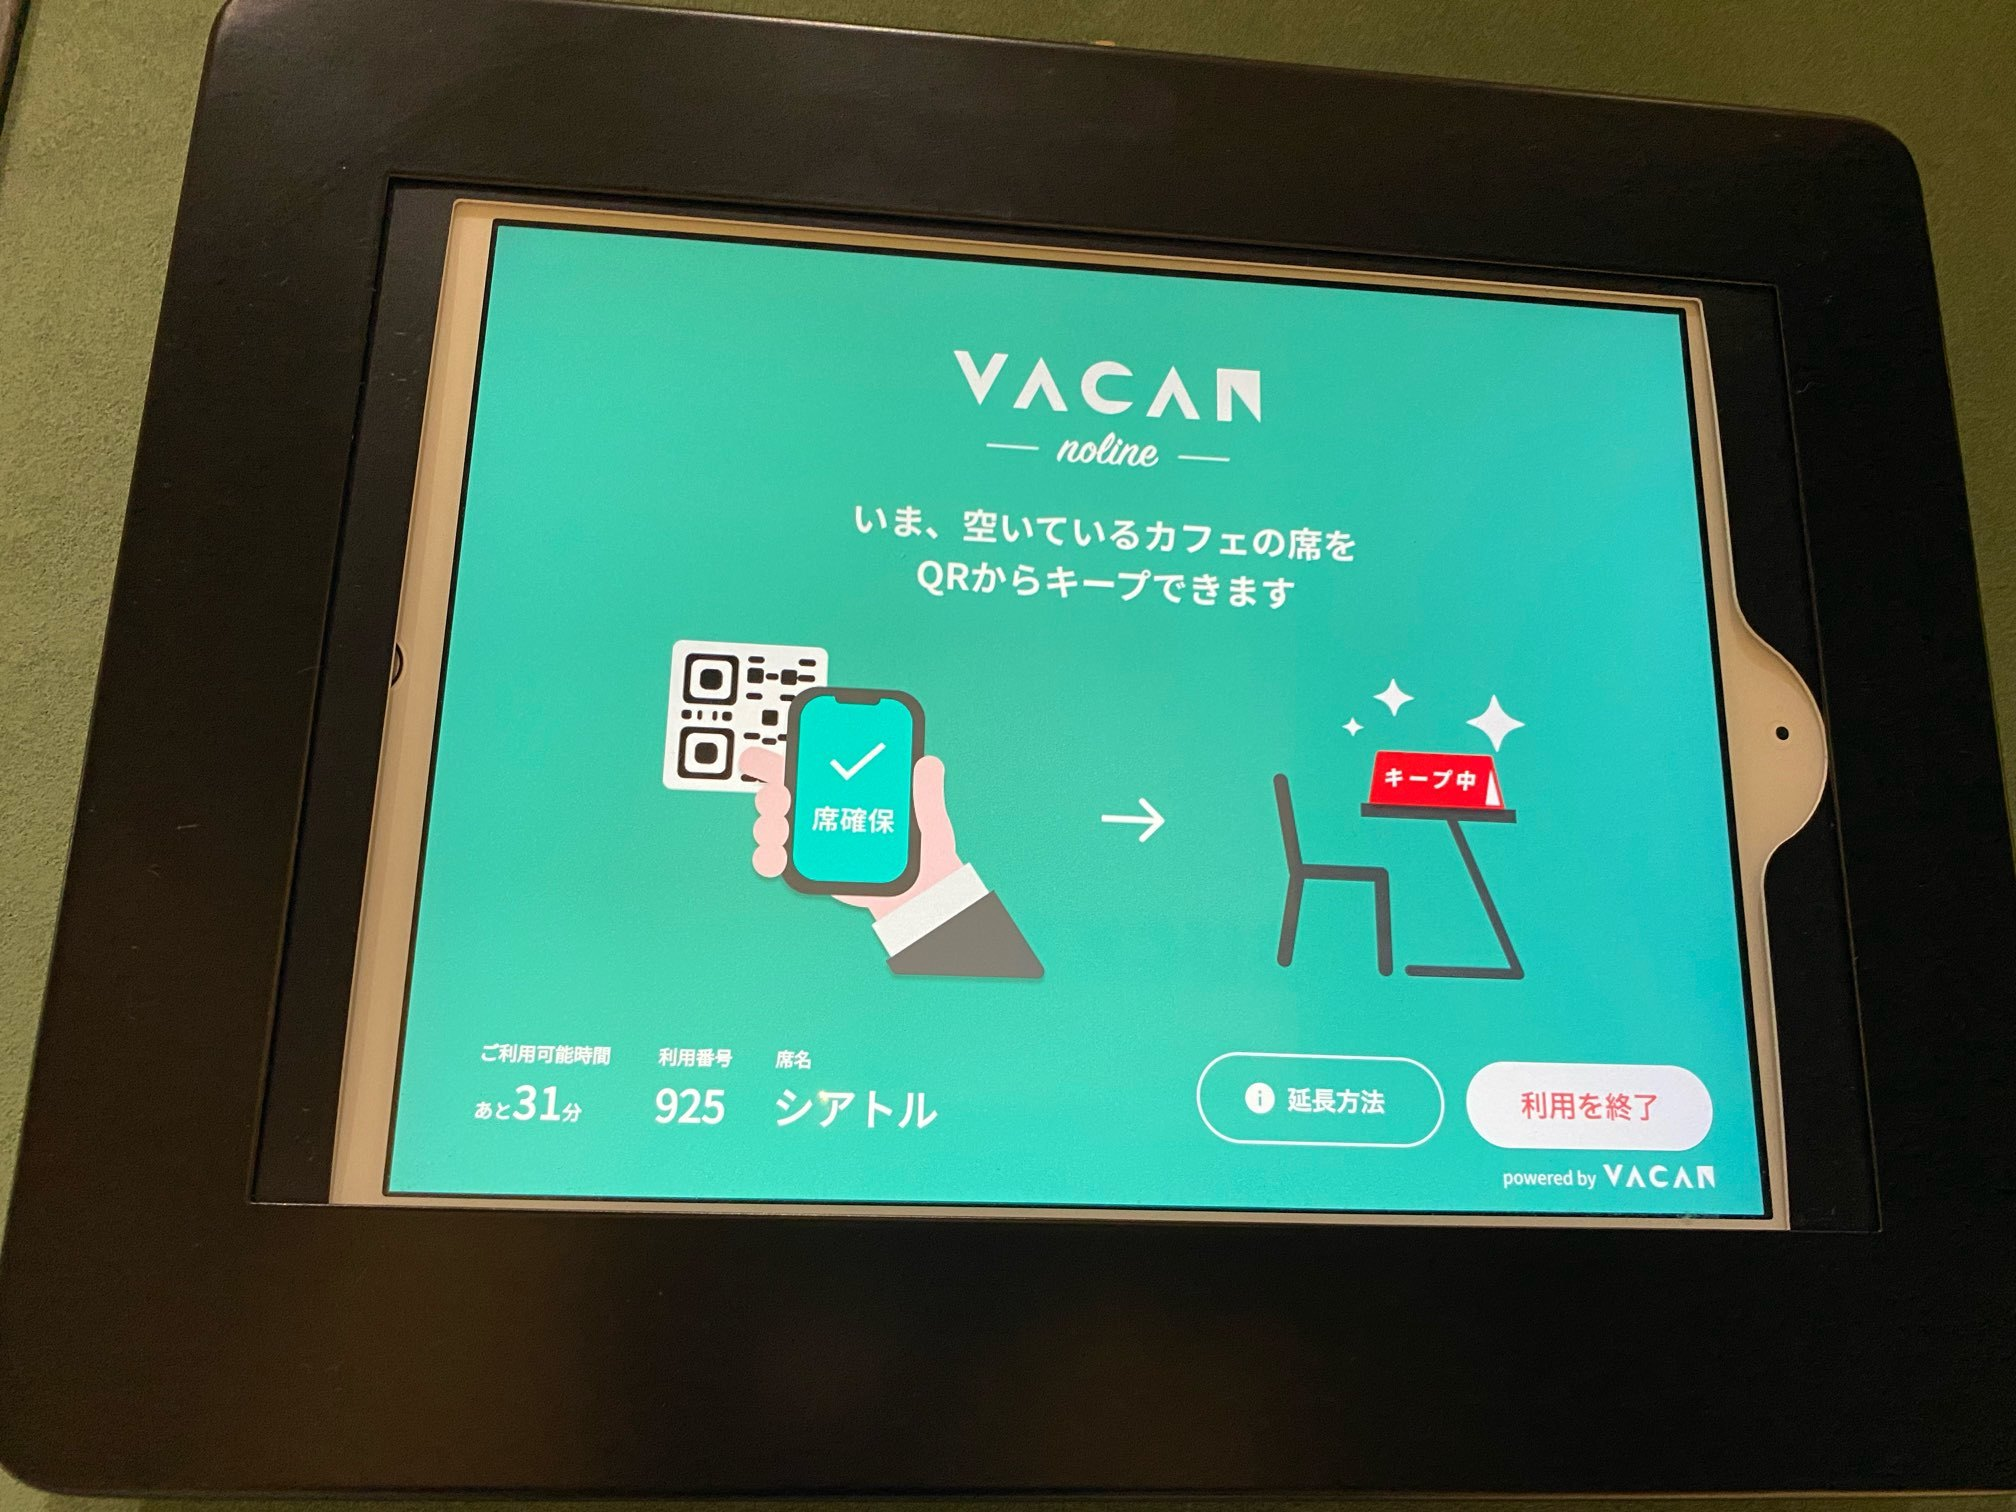 【今話題】カフェの空席予約サービスを利用してみました!_1_1